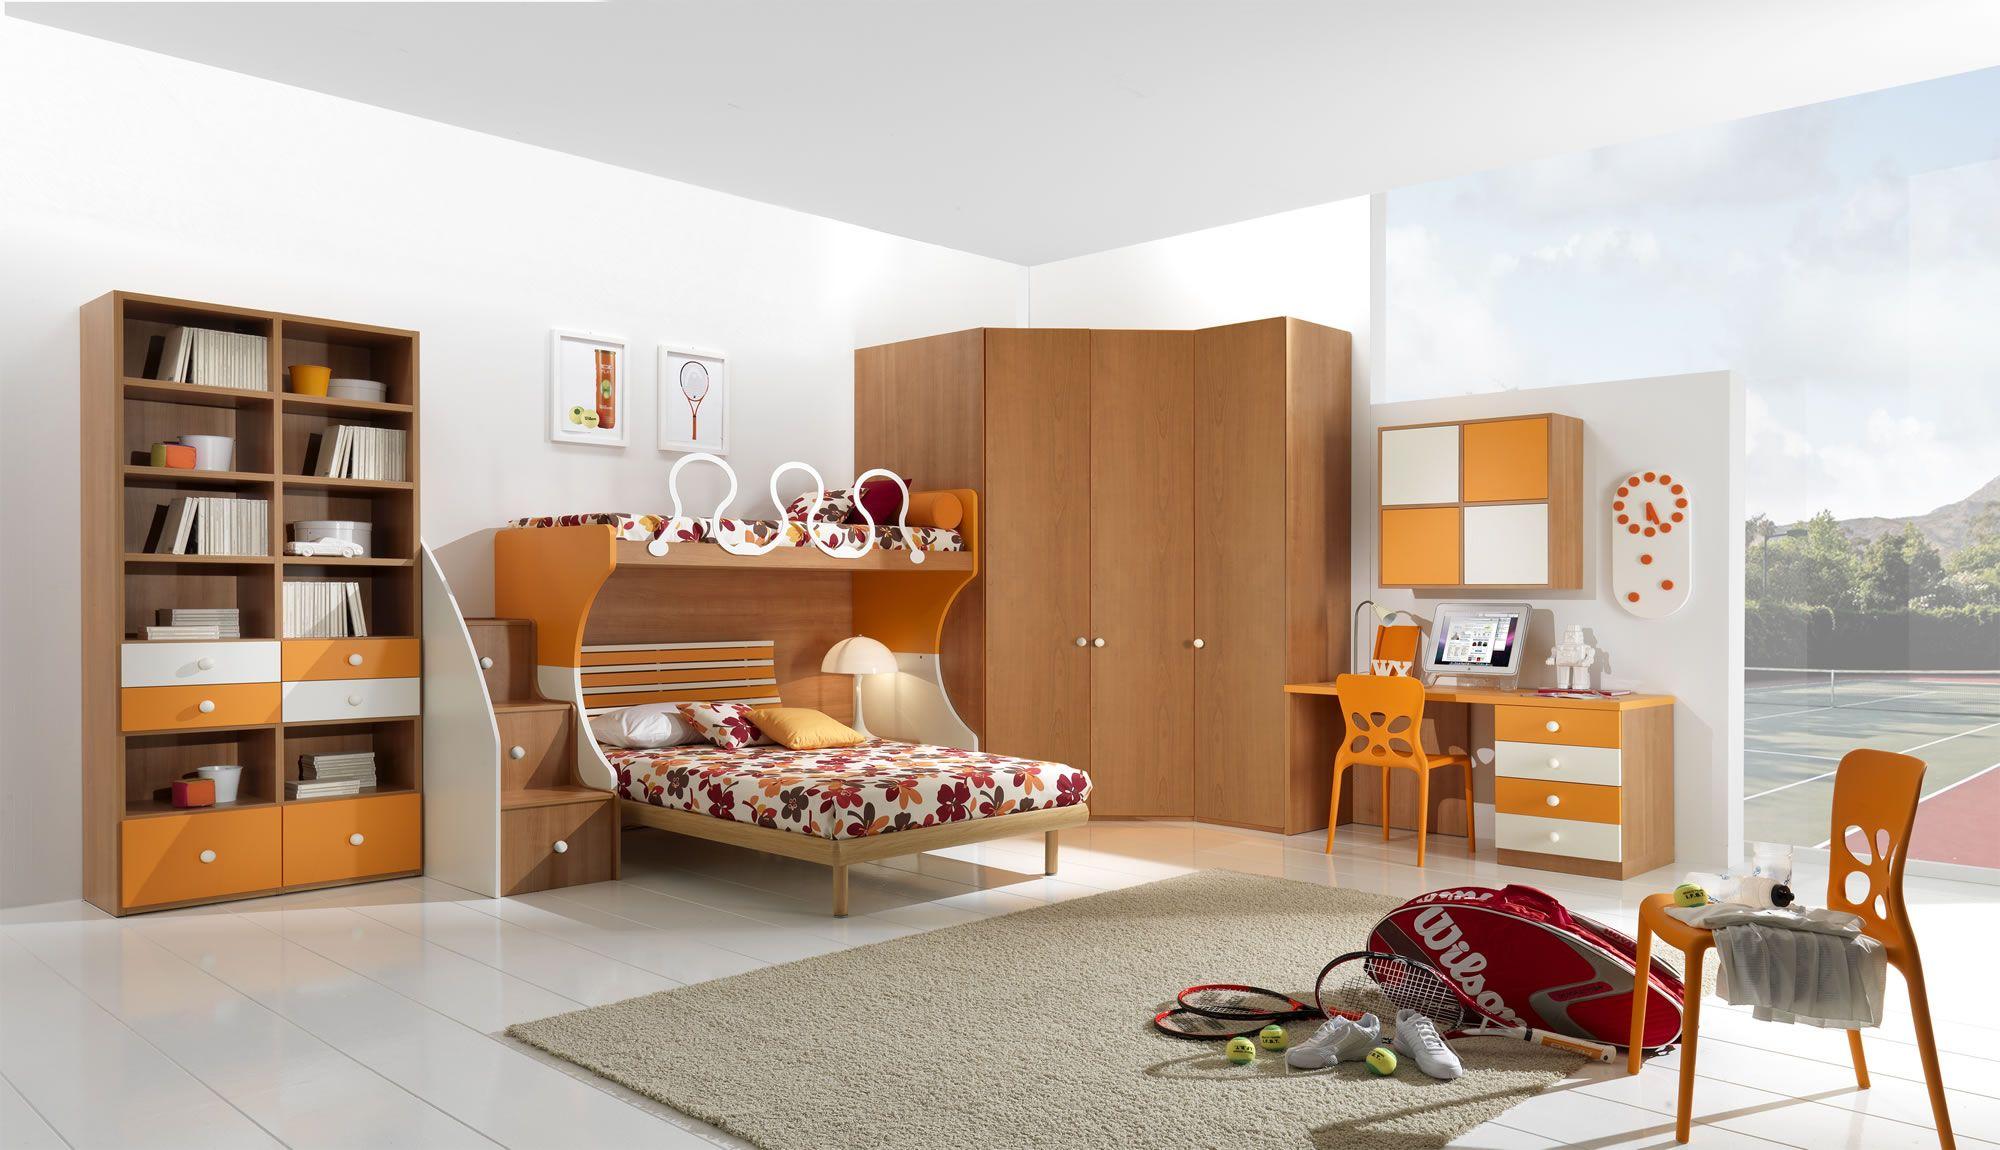 Cabina Armadio Gsg : Gsg w letto a castello con cabina armadio naturale